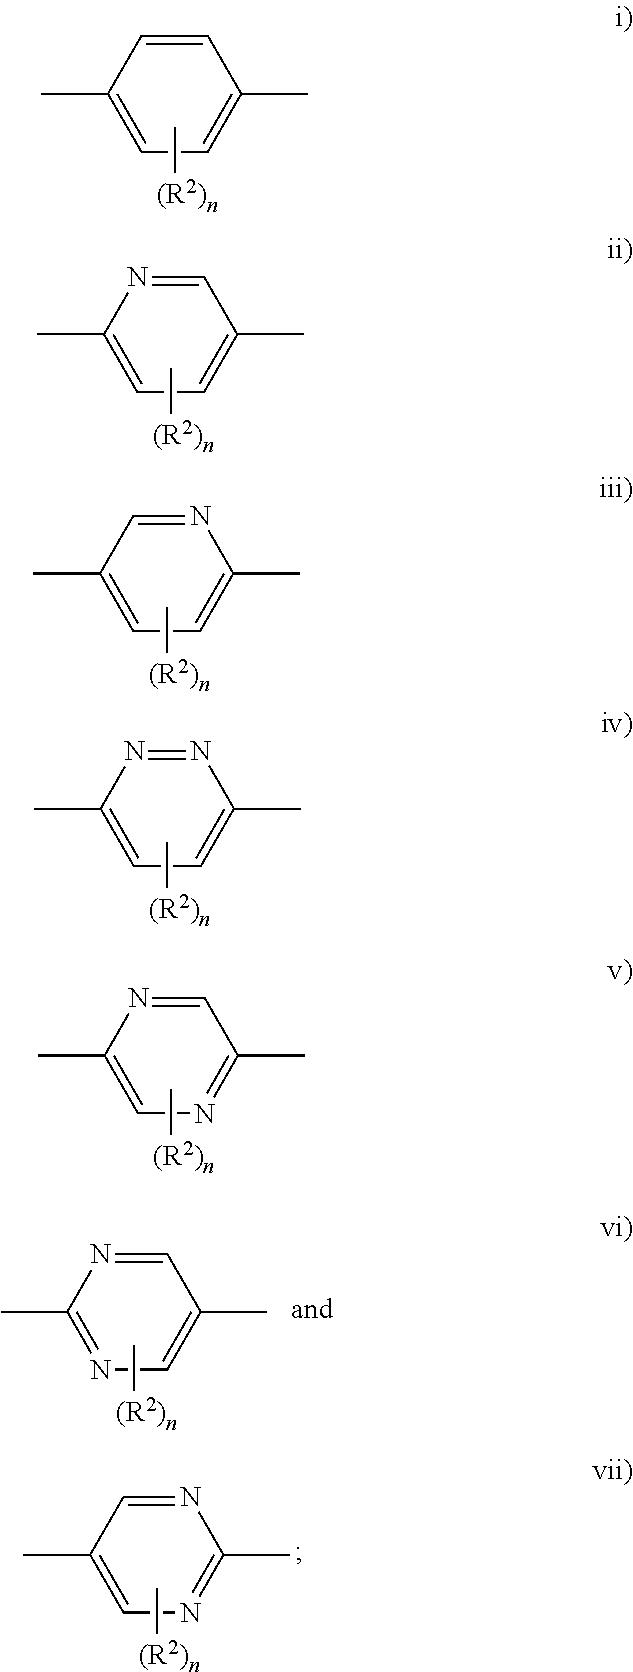 Figure US20120077812A1-20120329-C00005